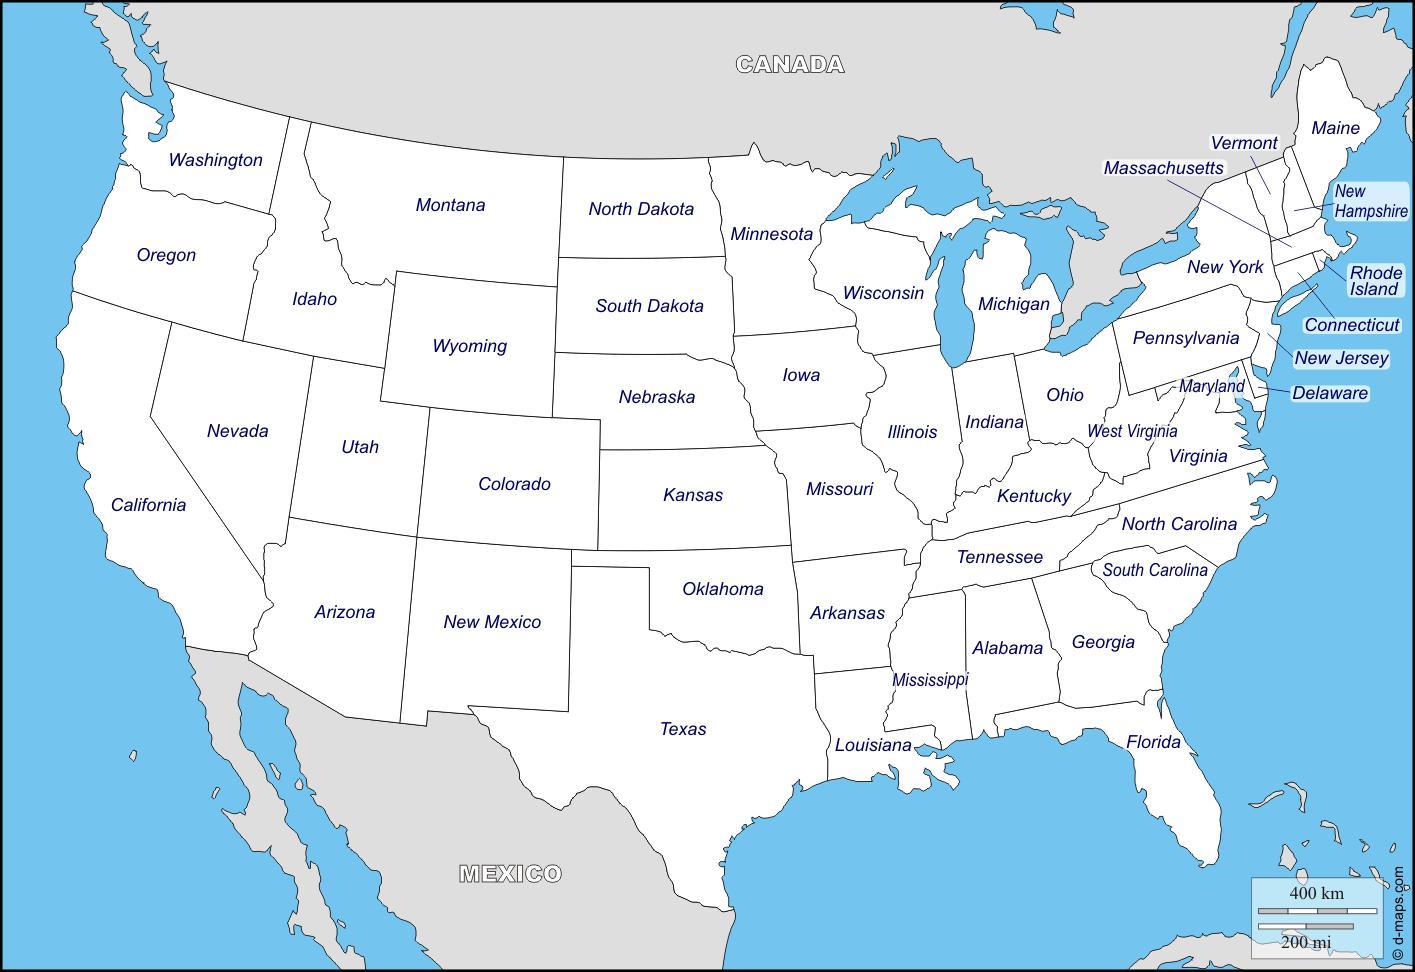 kart over stater i usa Kart over USA med navn på Stater   Kart over USA med navn på  kart over stater i usa